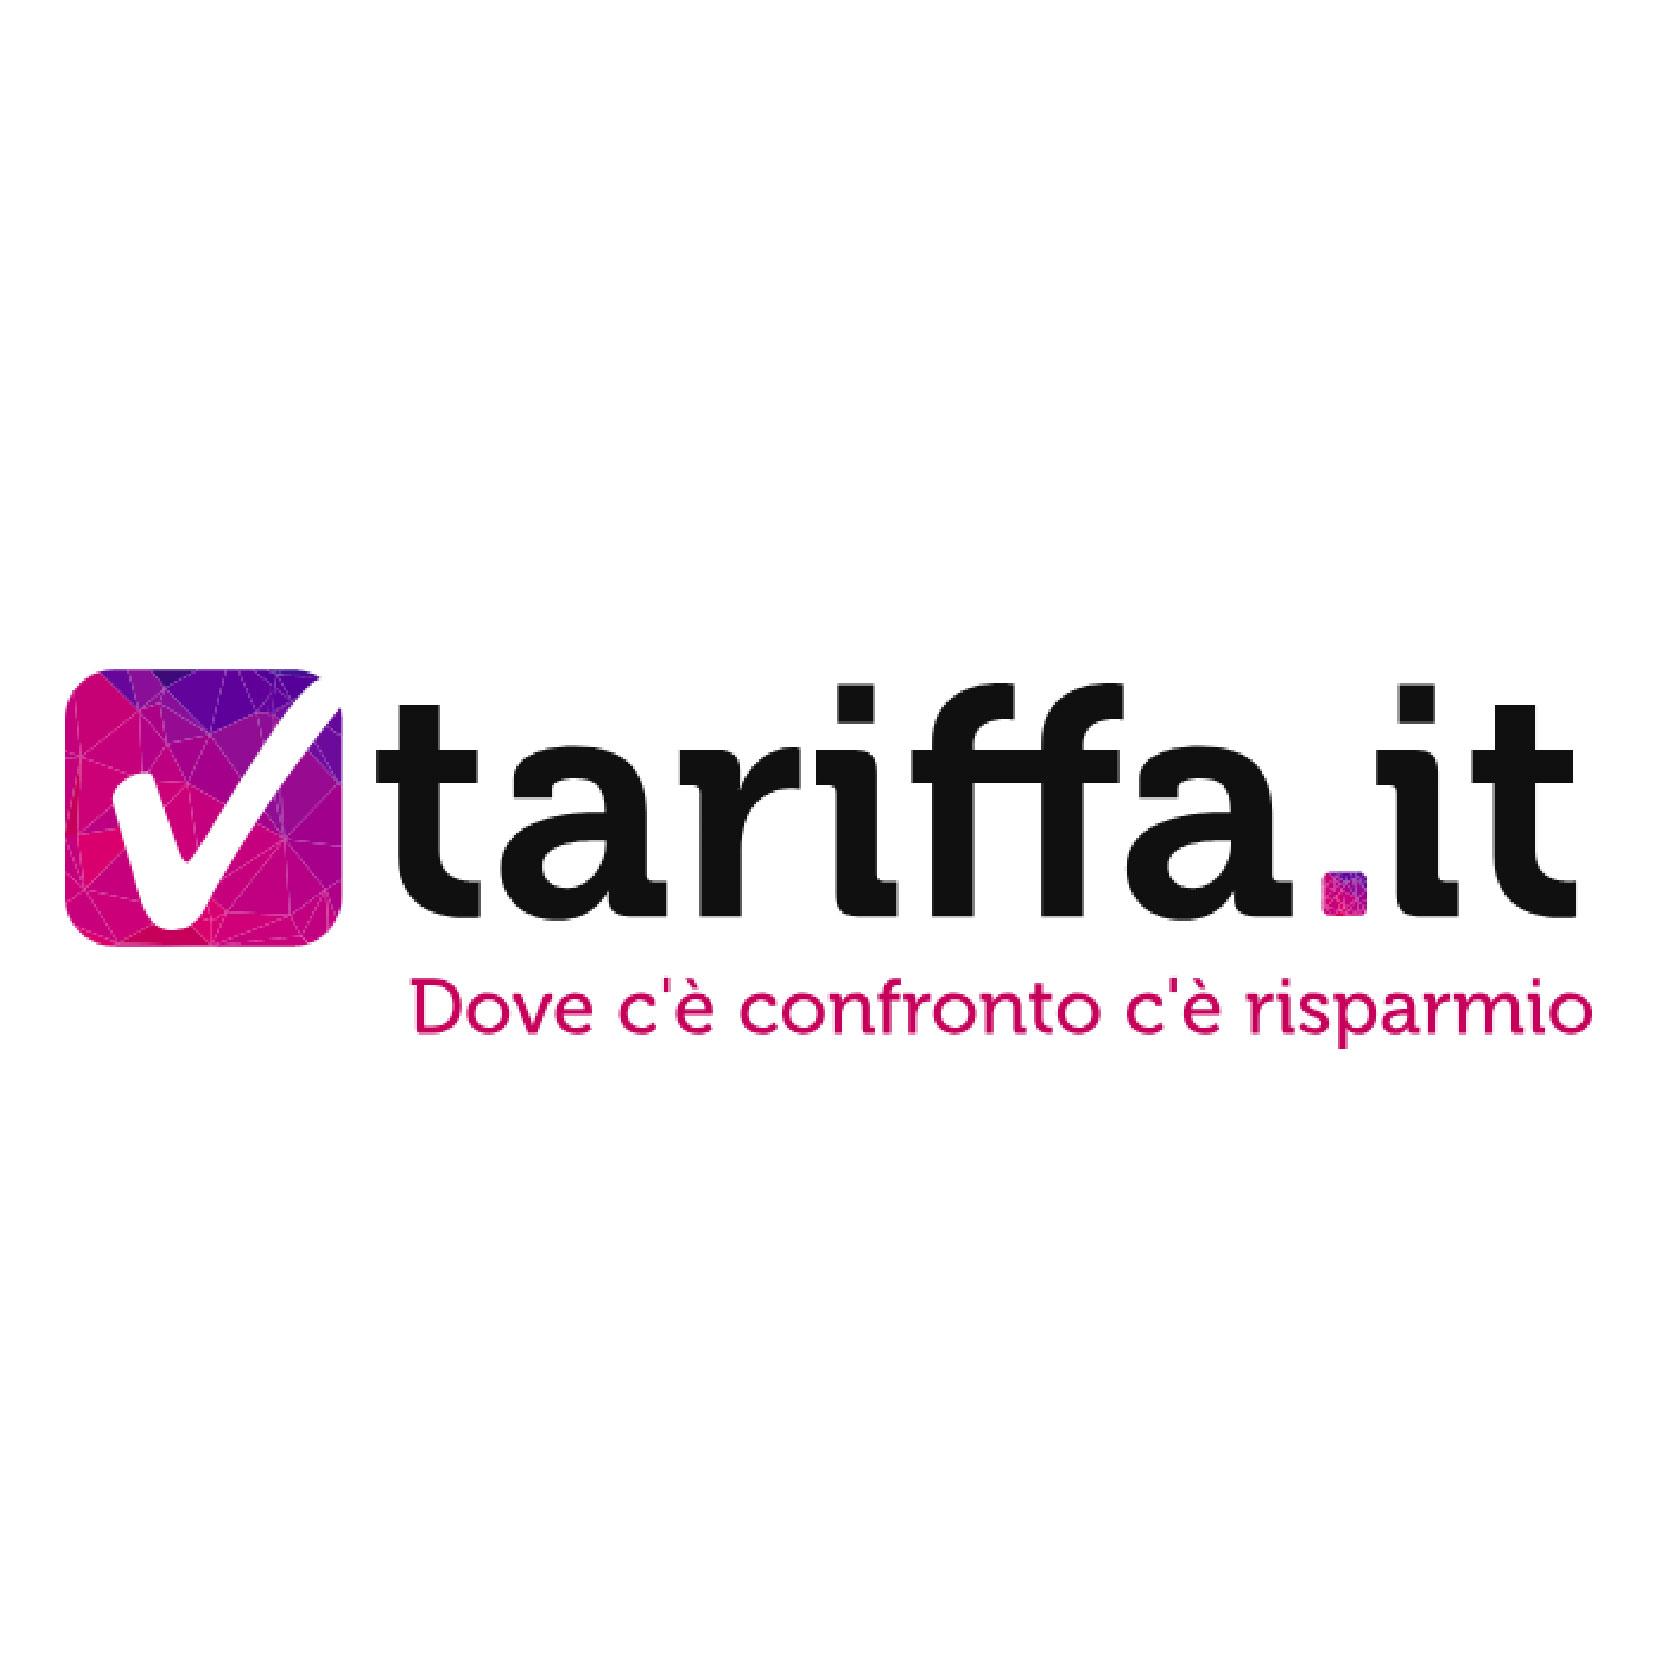 Migliortariffa.it srl